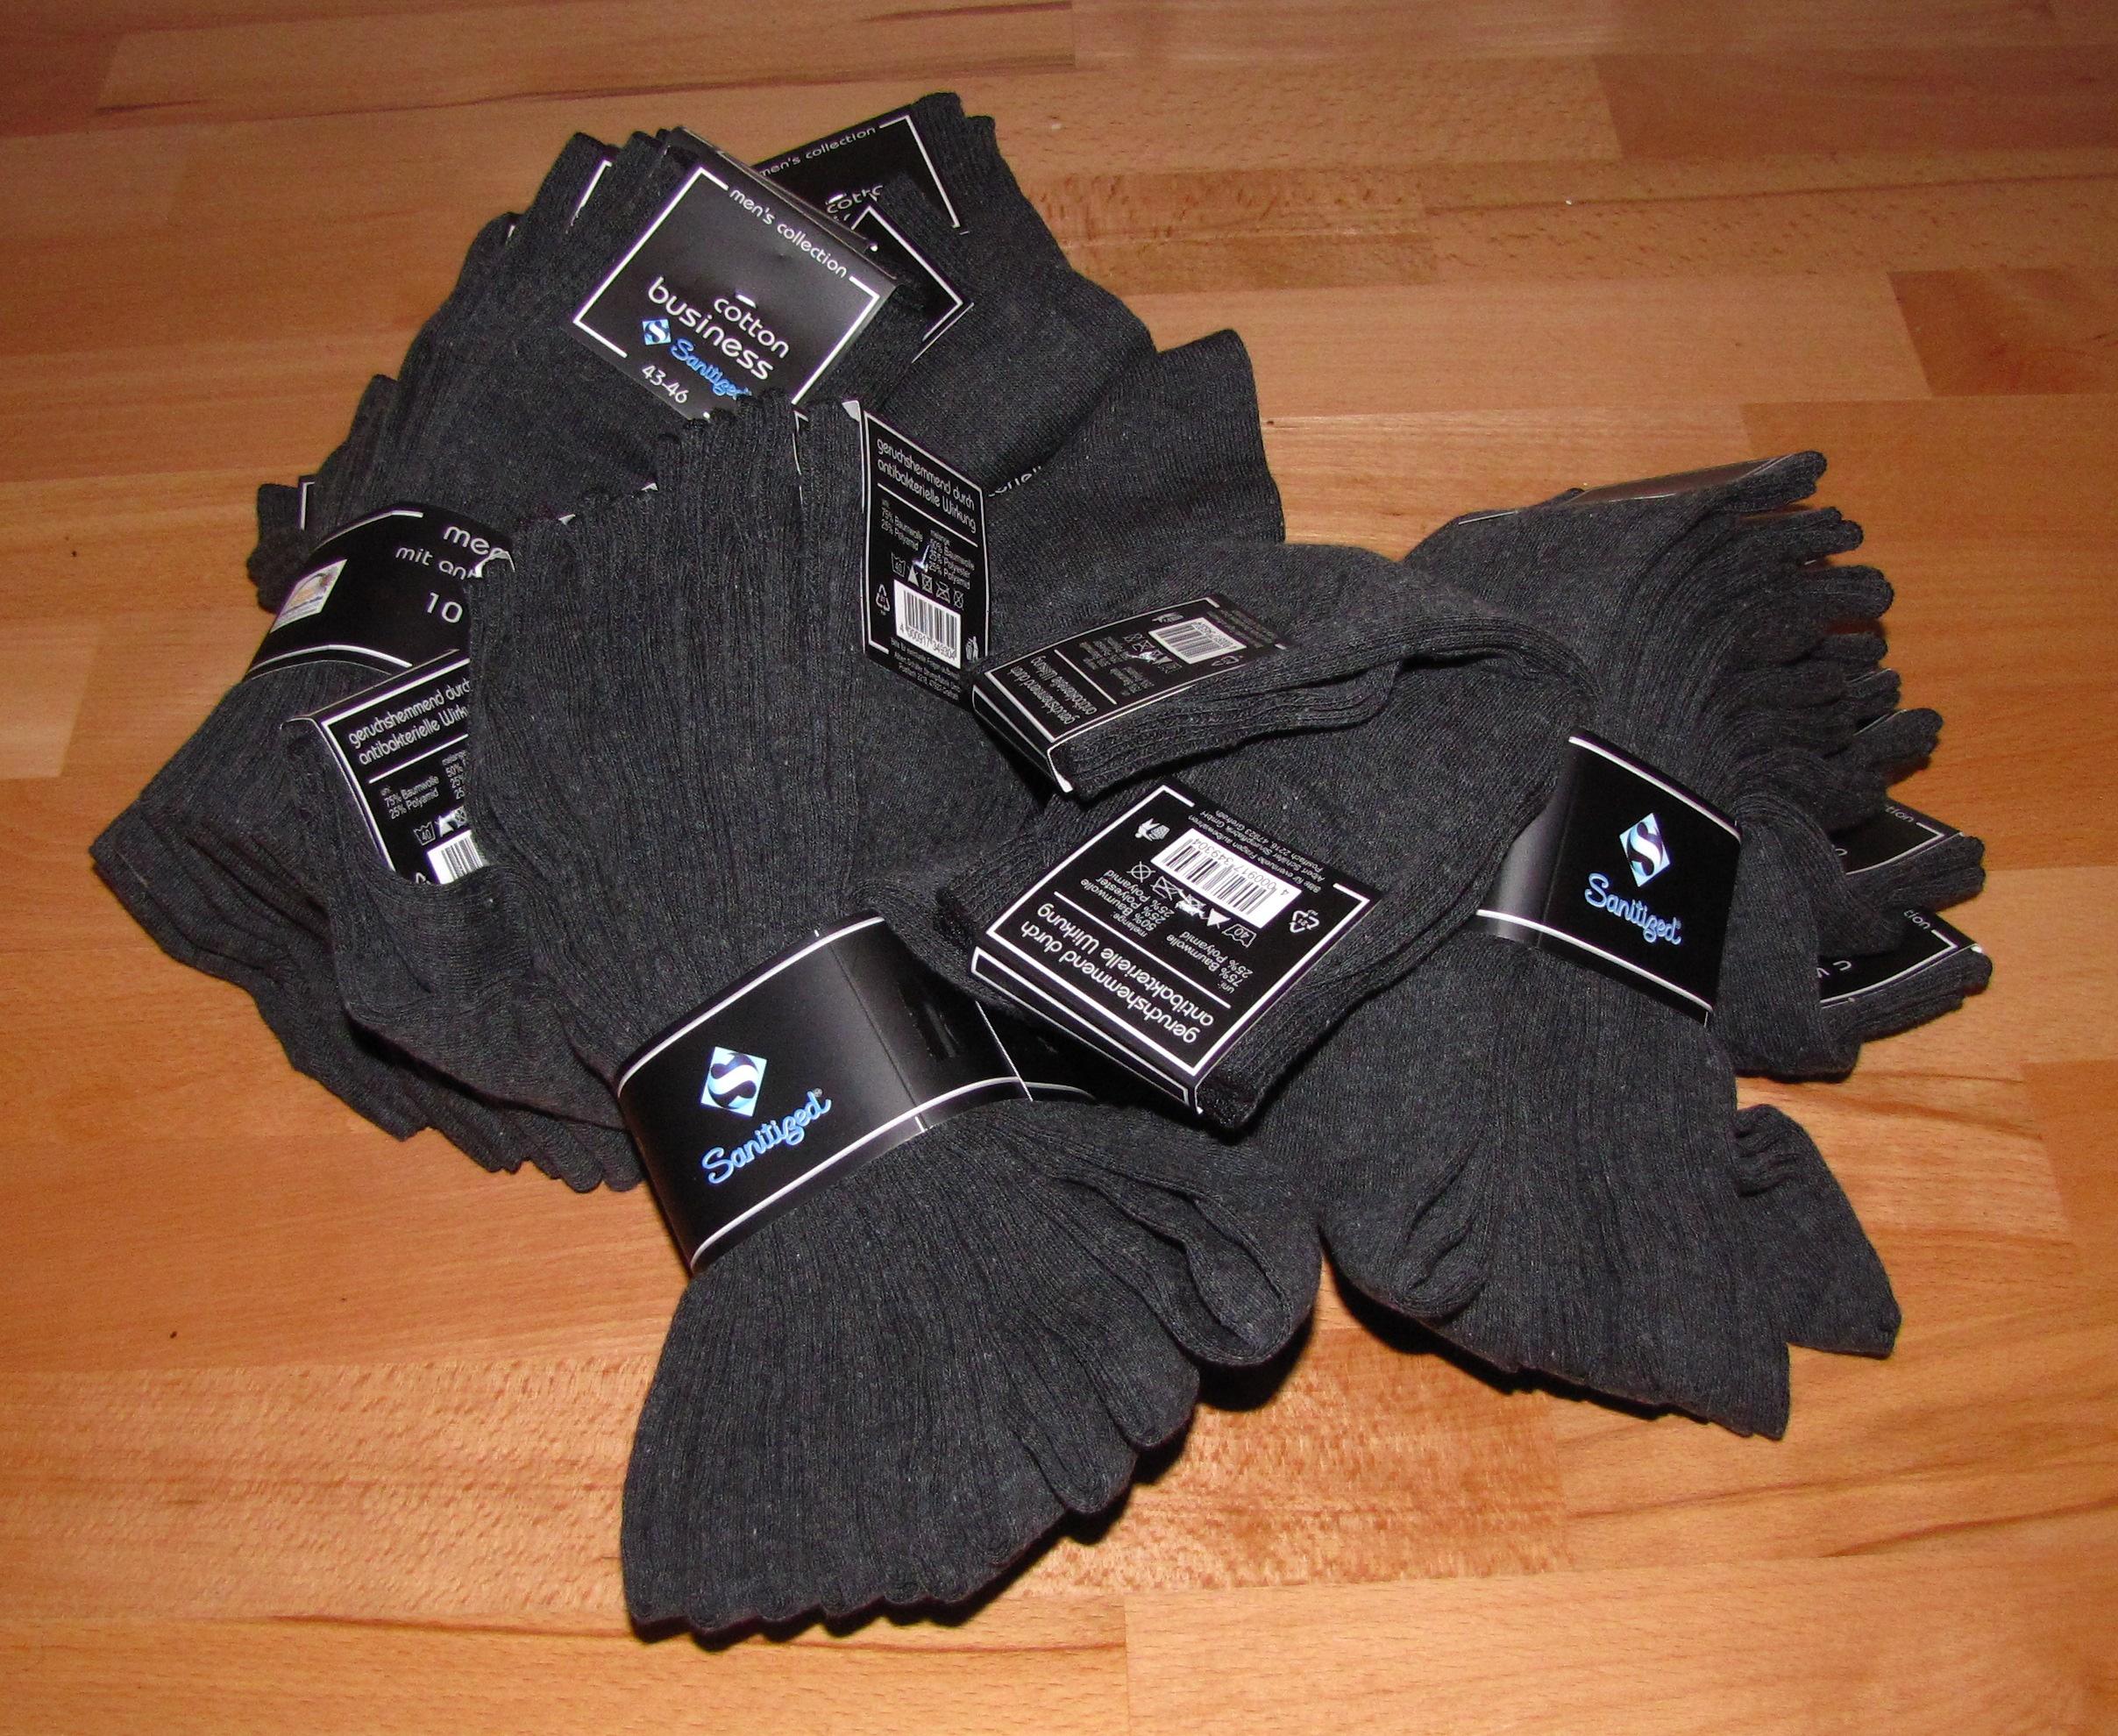 Knitting Pattern For Diabetic Socks : Free knitting patterns for diabetic socks :: youtube ...